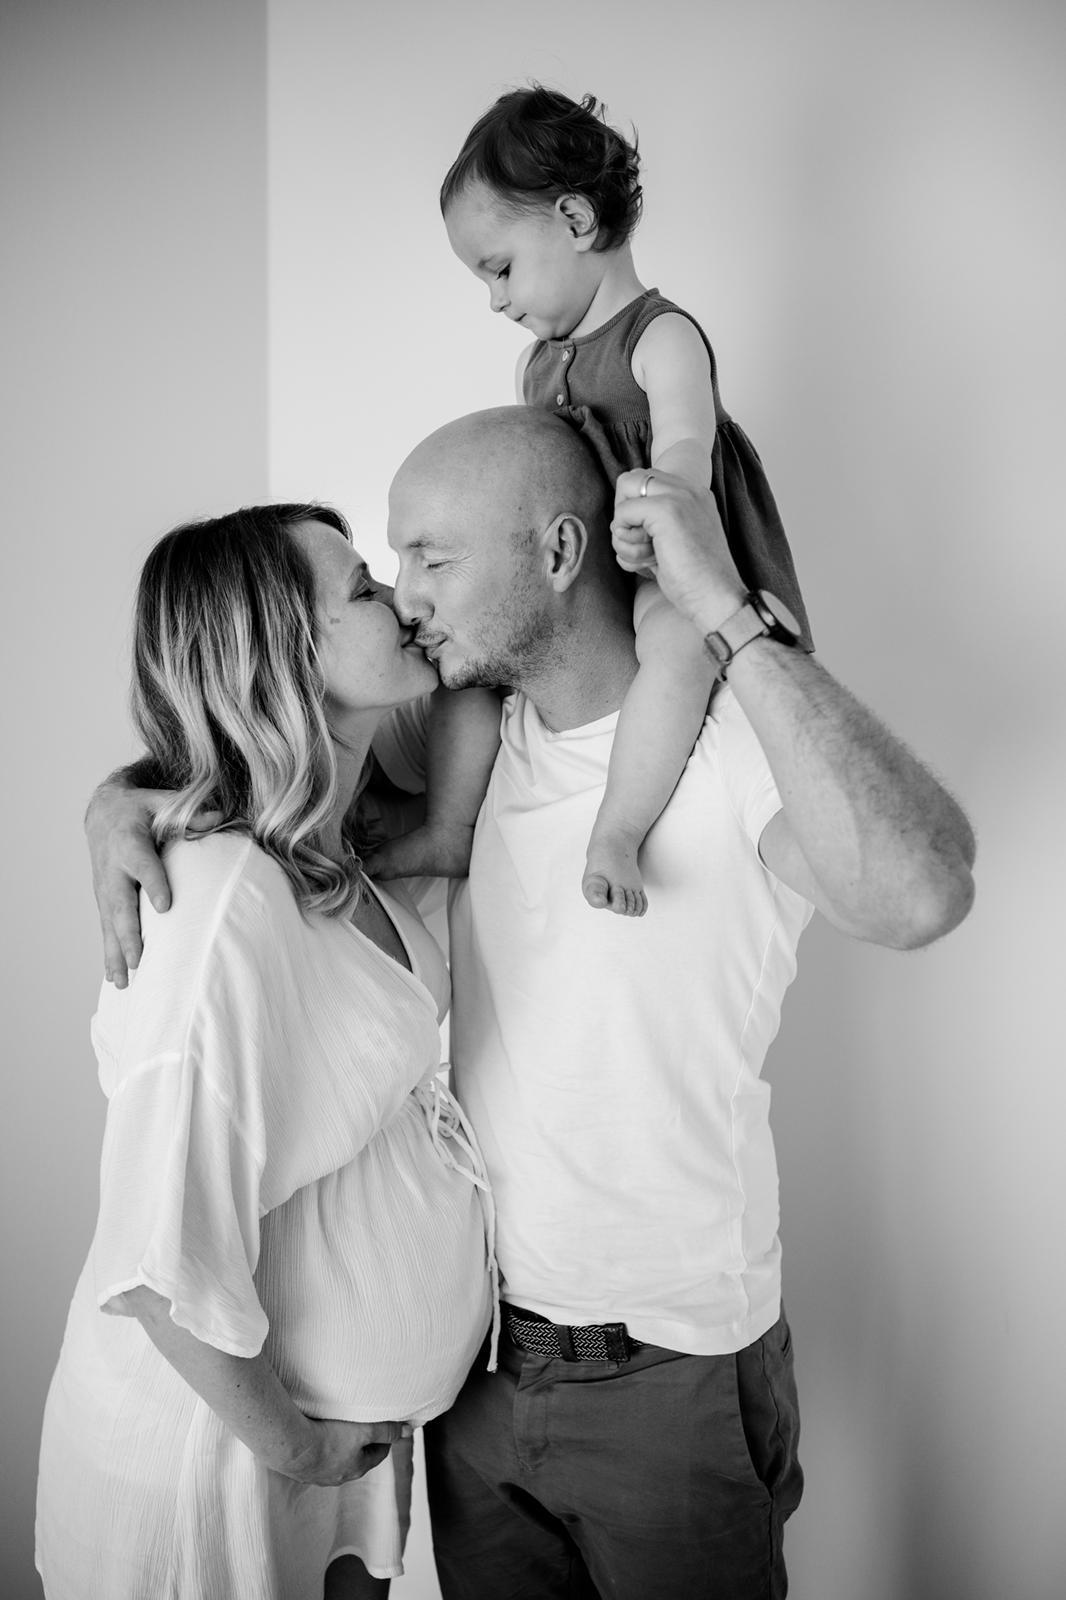 NELLI_BRINKMANN_FOTOGTRAFIE_FAMILIE_BADOEYNHAUSEN